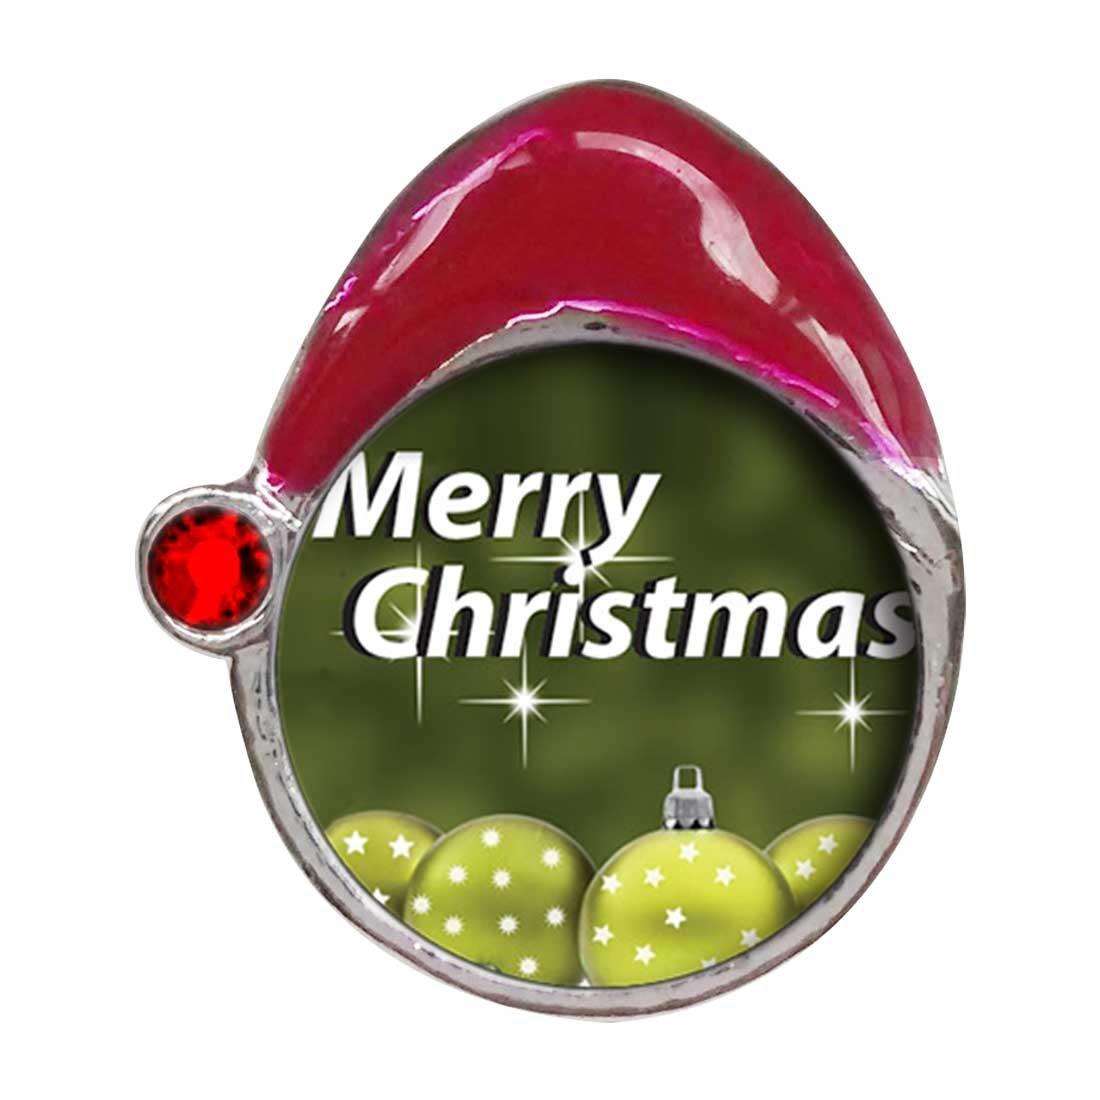 Feliz Navidad olivino bola rojo Siam cristal de enero de piedra natal rojo gorro de Papá Noel Navidad encanto: Amazon.es: Hogar